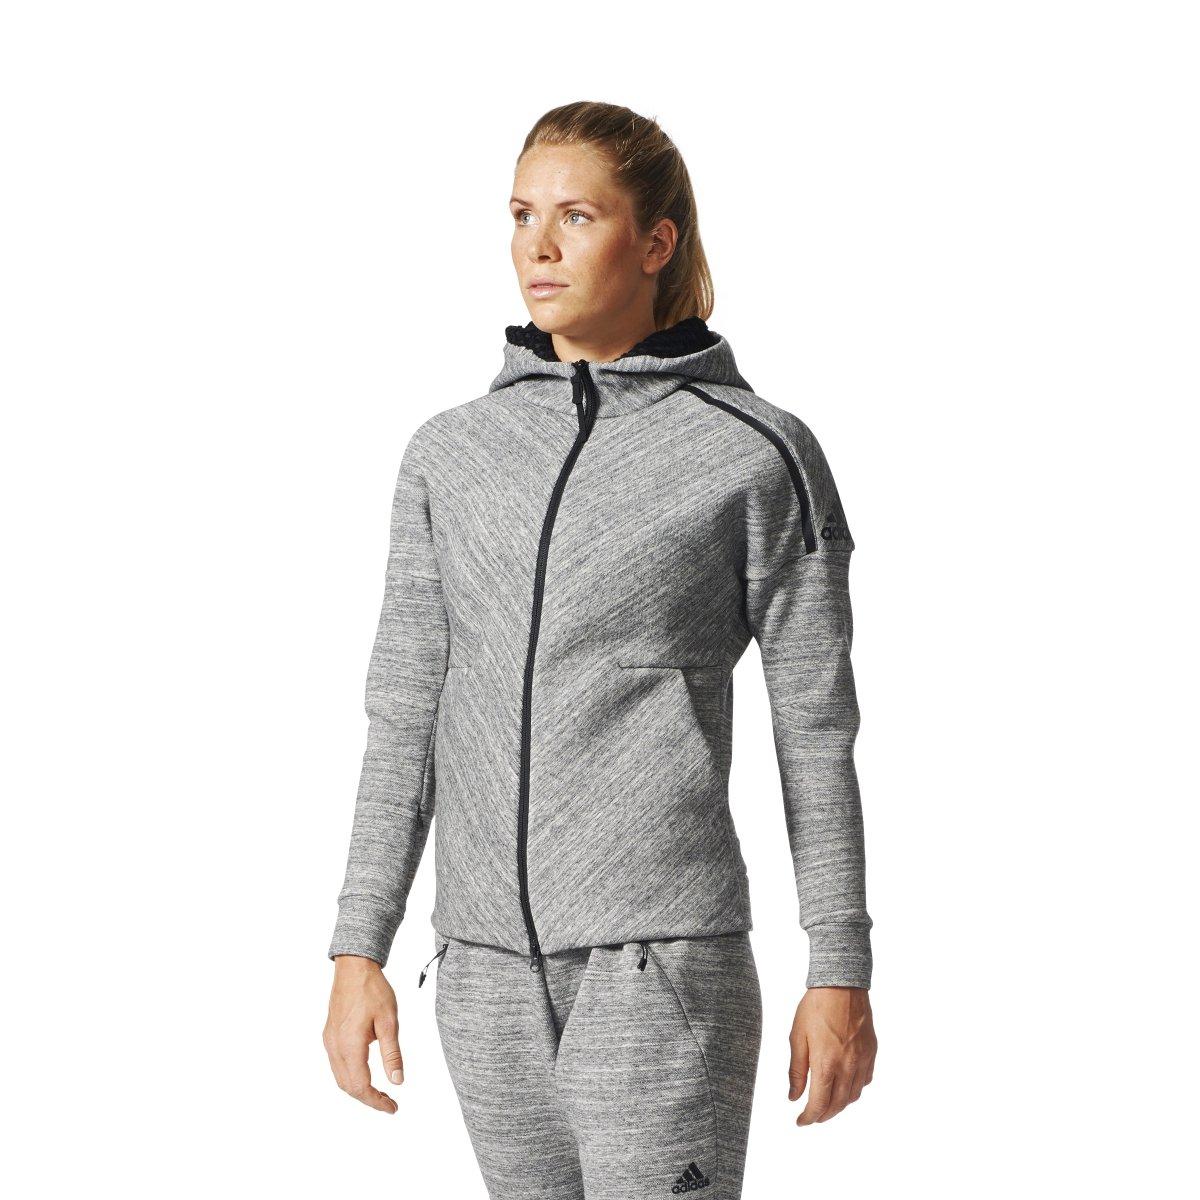 adidas Womens Z.N.E. Hoody - Grey